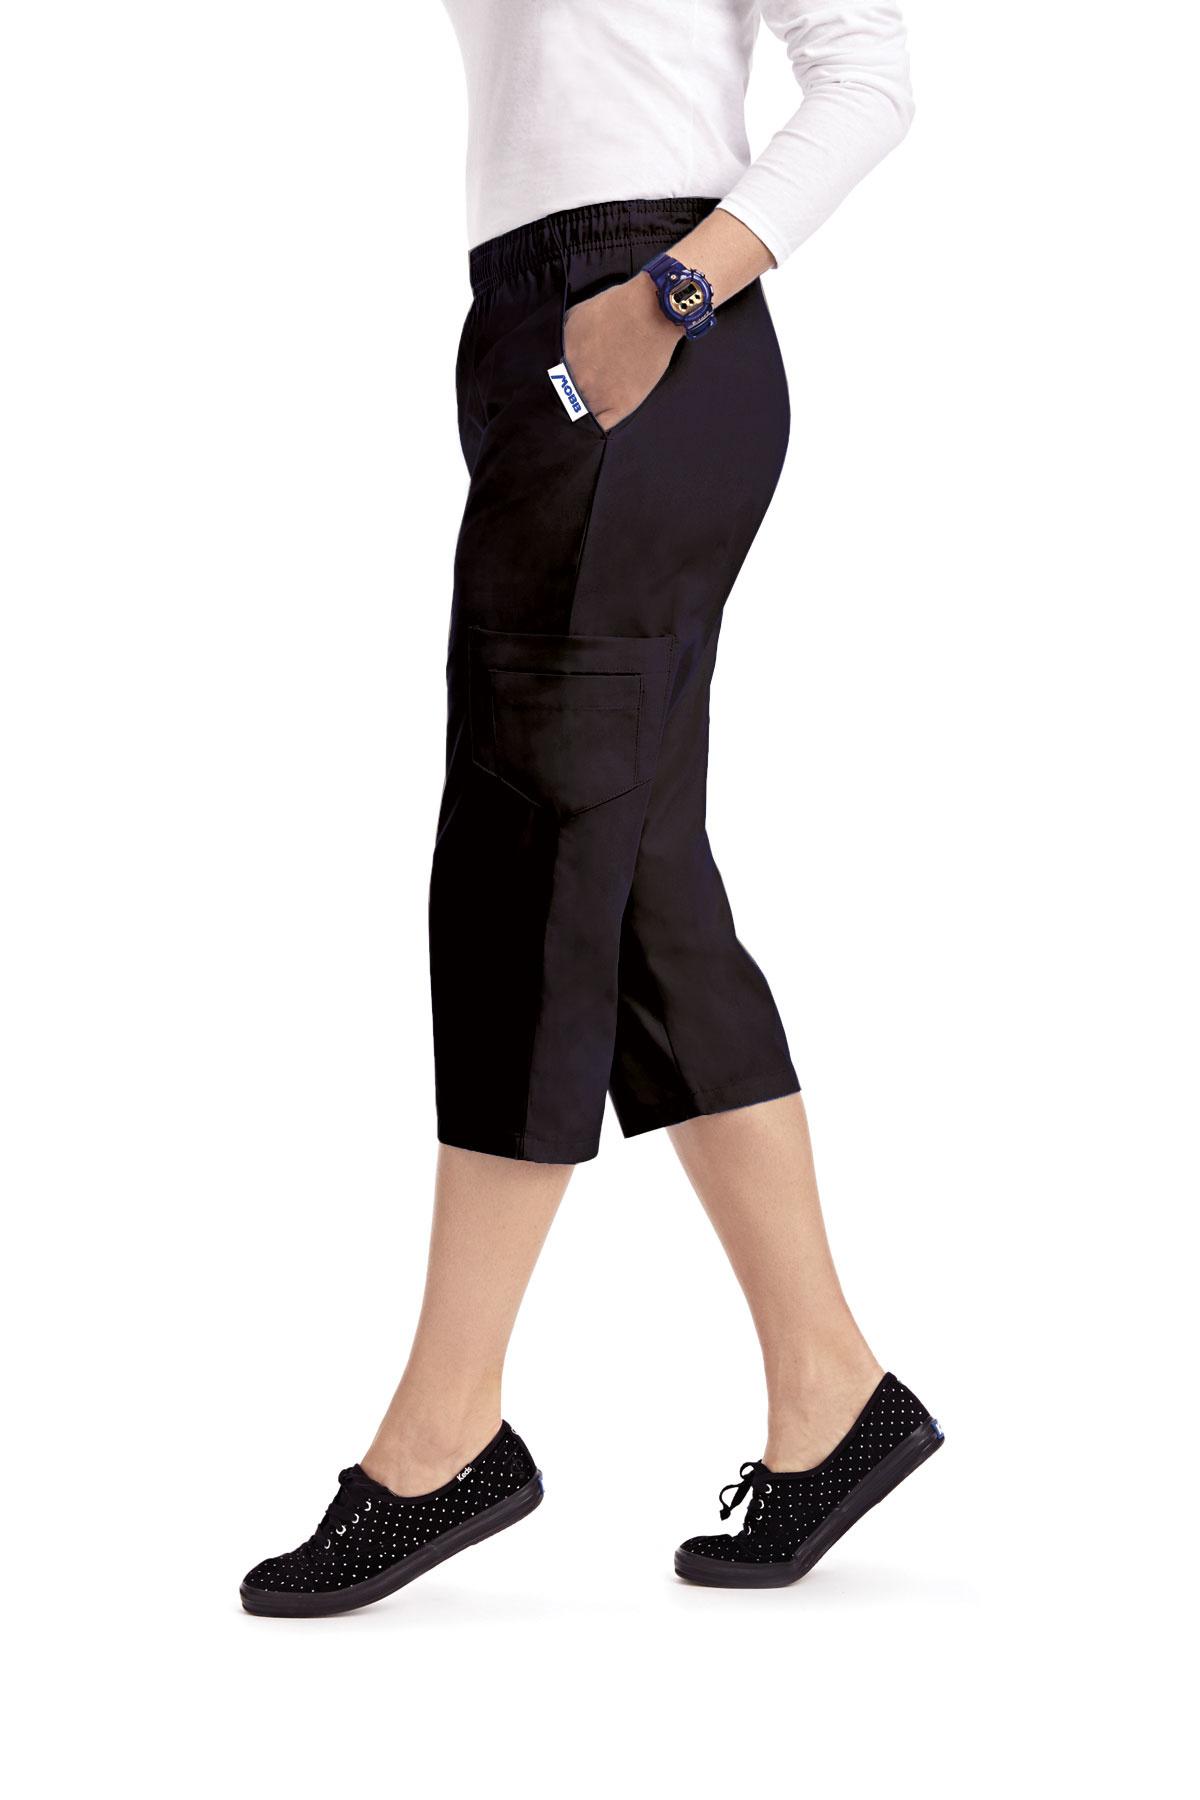 MOBB Black Women's Capri Pants 314P